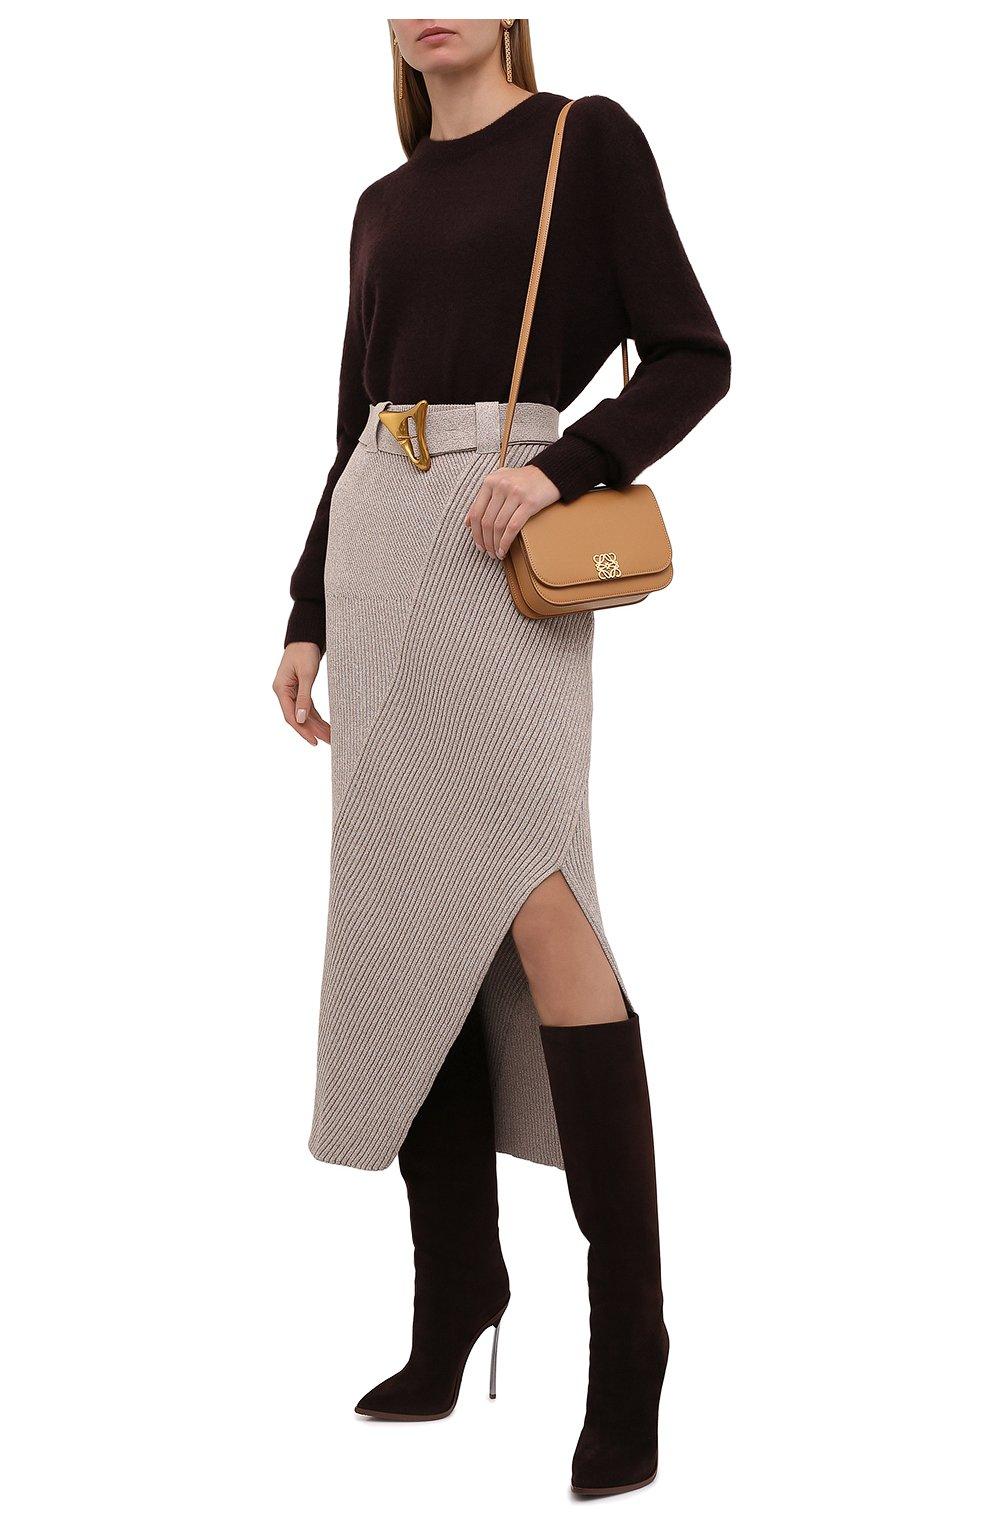 Женская хлопковая юбка AERON бежевого цвета, арт. SK135_376 | Фото 2 (Кросс-КТ: Трикотаж; Женское Кросс-КТ: Юбка-одежда; Материал внешний: Хлопок; Длина Ж (юбки, платья, шорты): Макси; Стили: Кэжуэл)